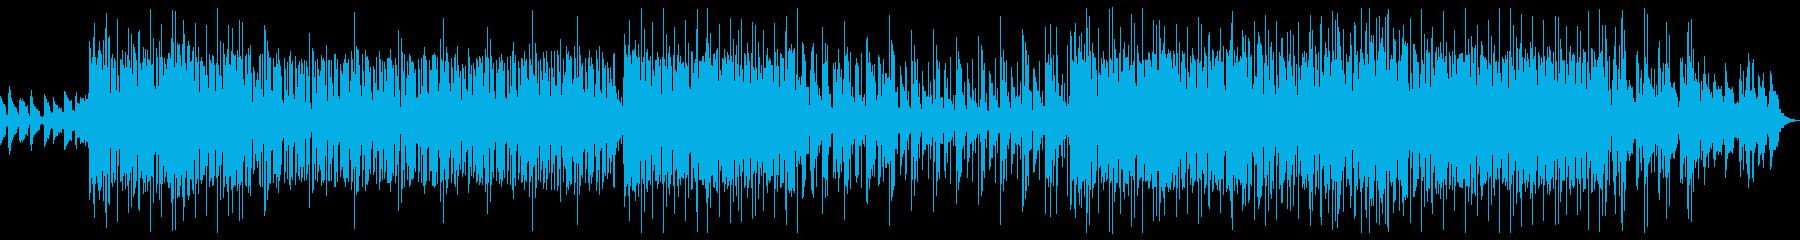 夏CM・企業VP♪トロピカルハウスEDMの再生済みの波形